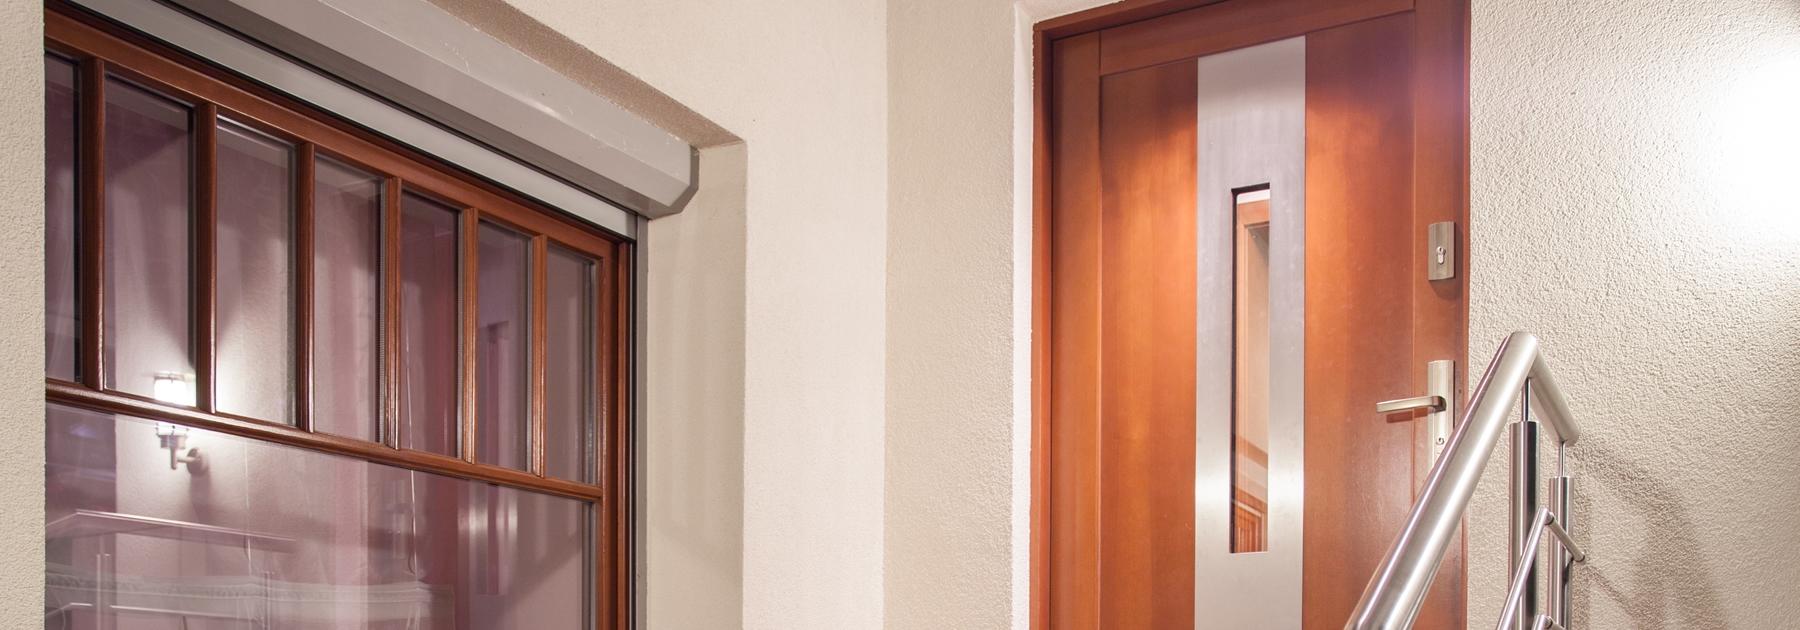 banner-doors-new